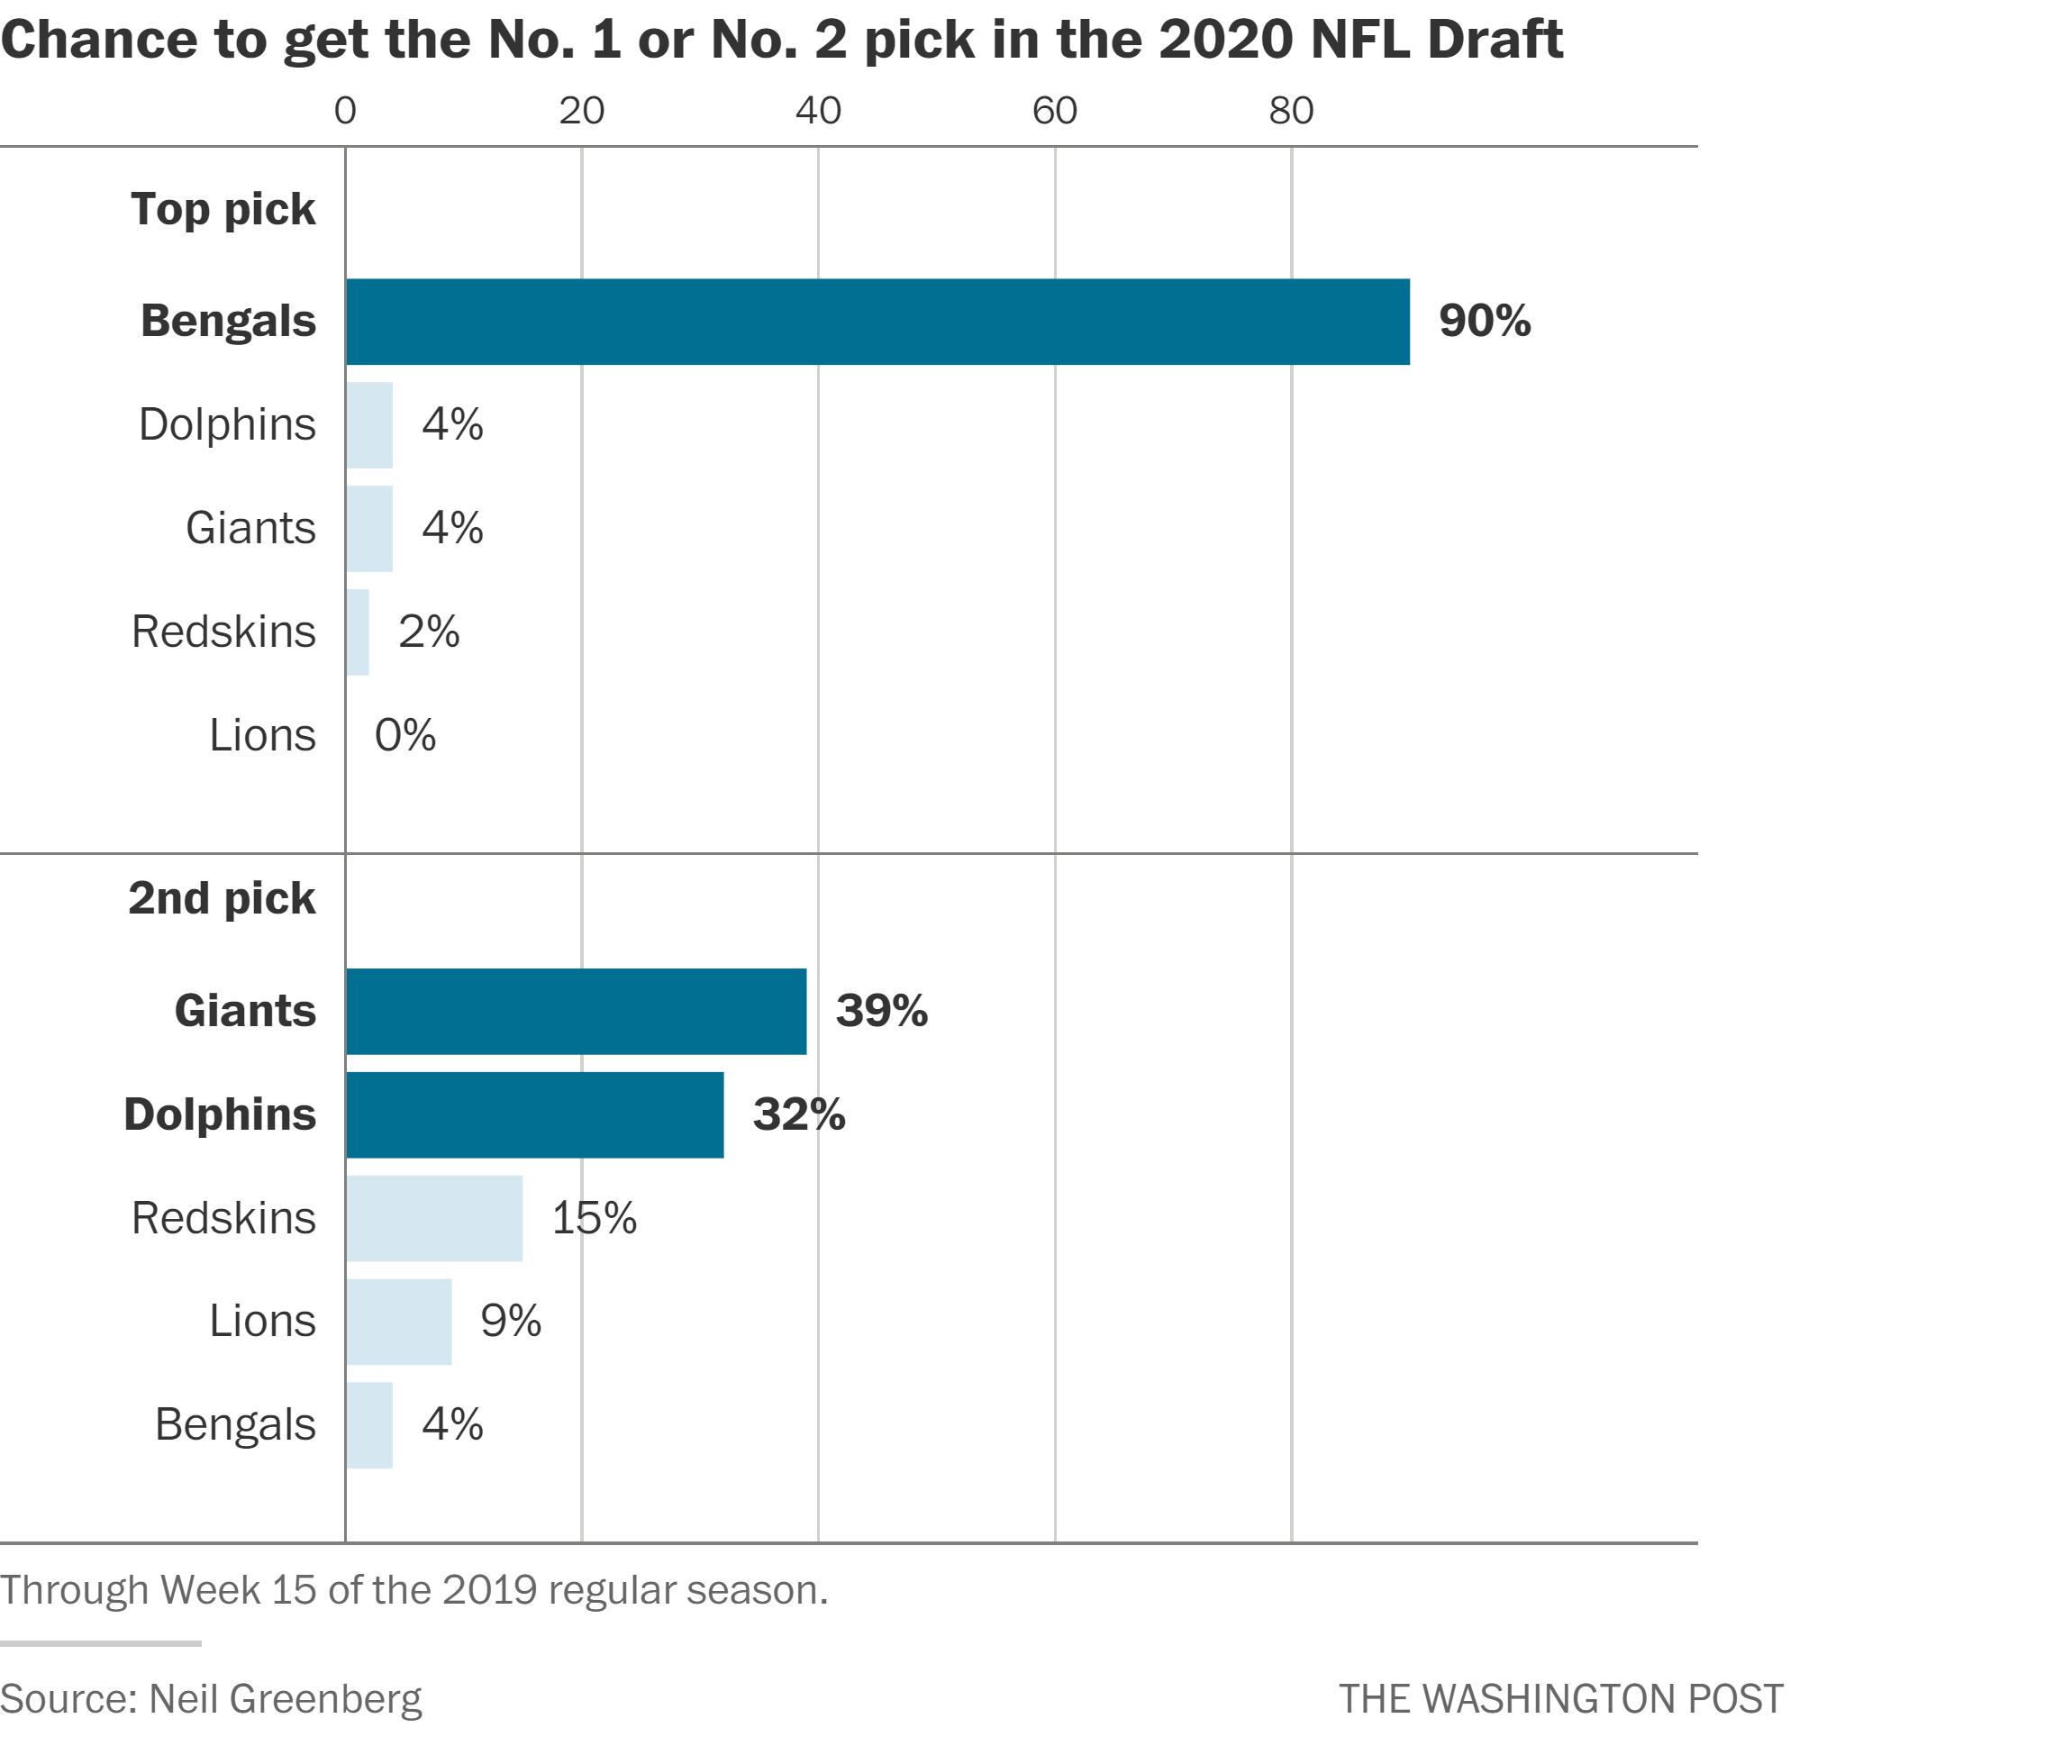 nfl 2nd round draft order 2020